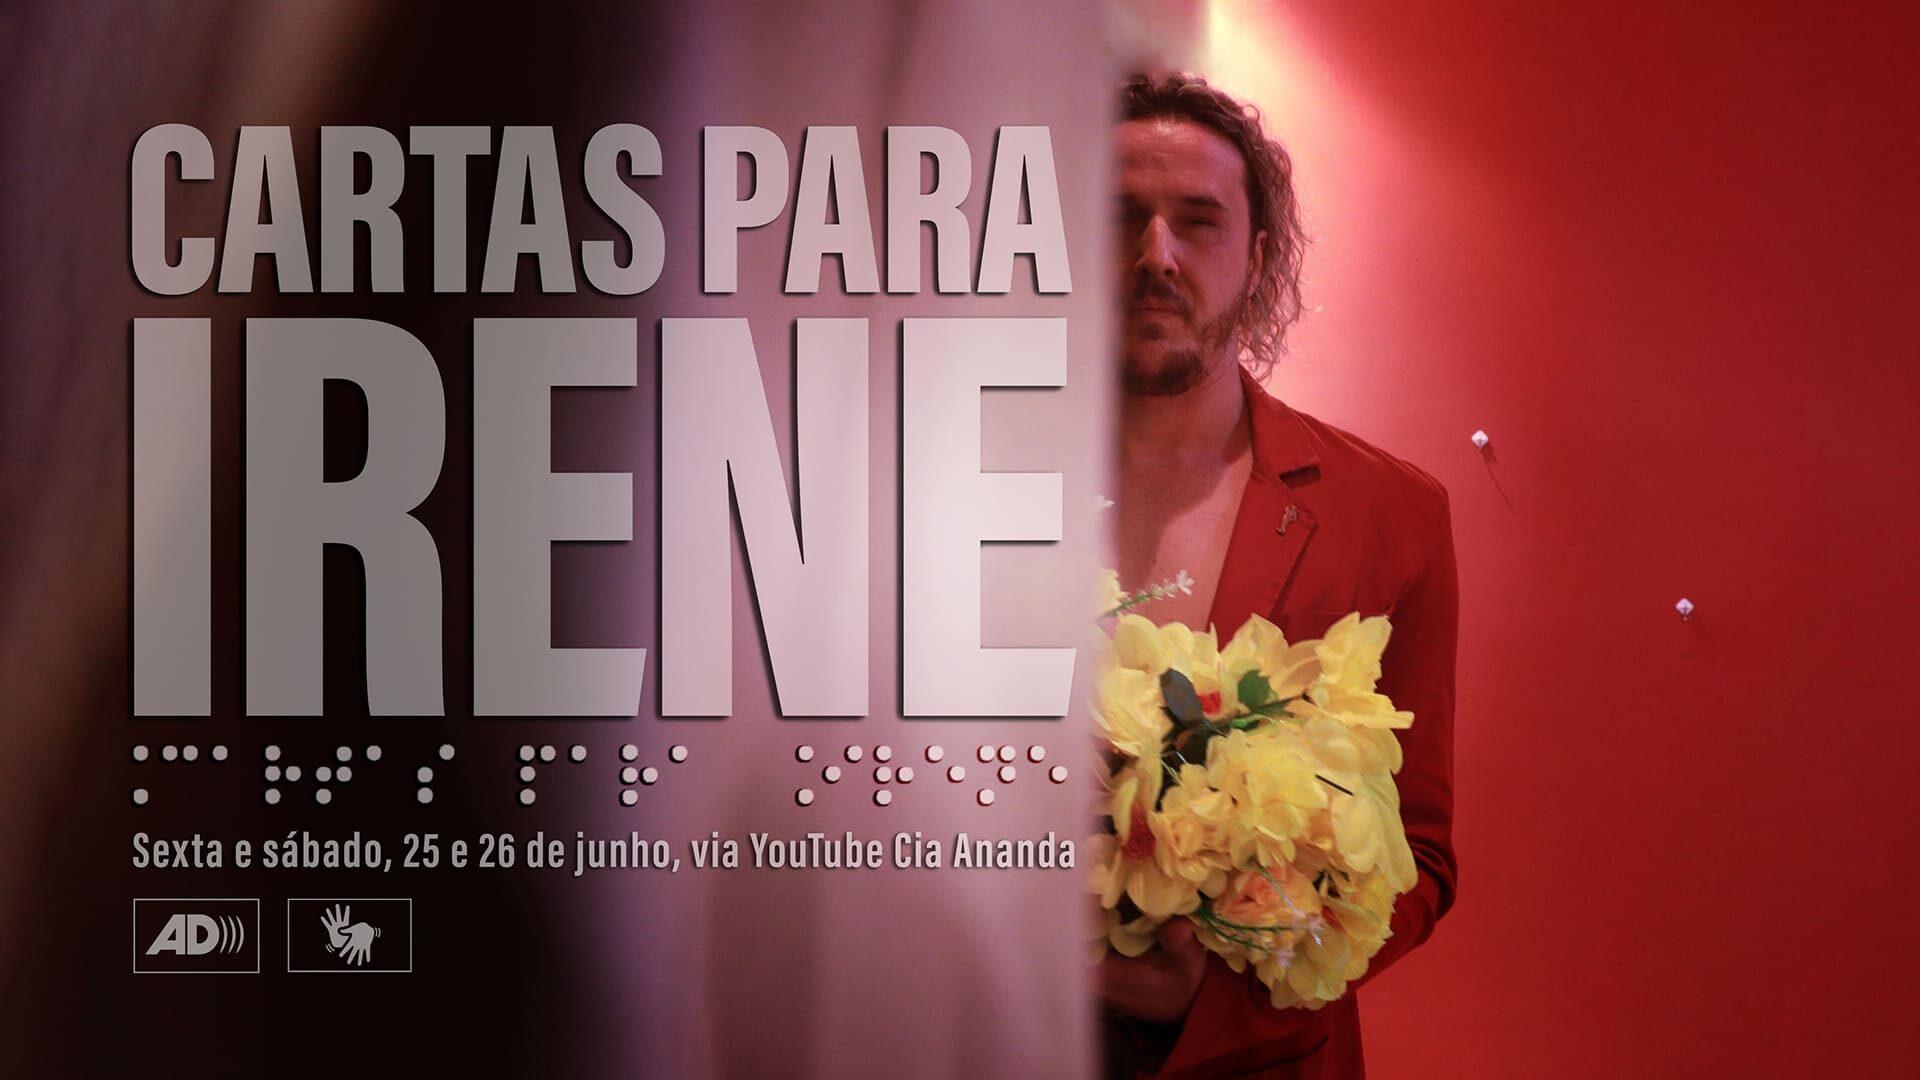 """Arte com foto e texto descritos na legenda do texto """"Artista cego reverencia a mãe nos palcos com dança e teatro""""."""